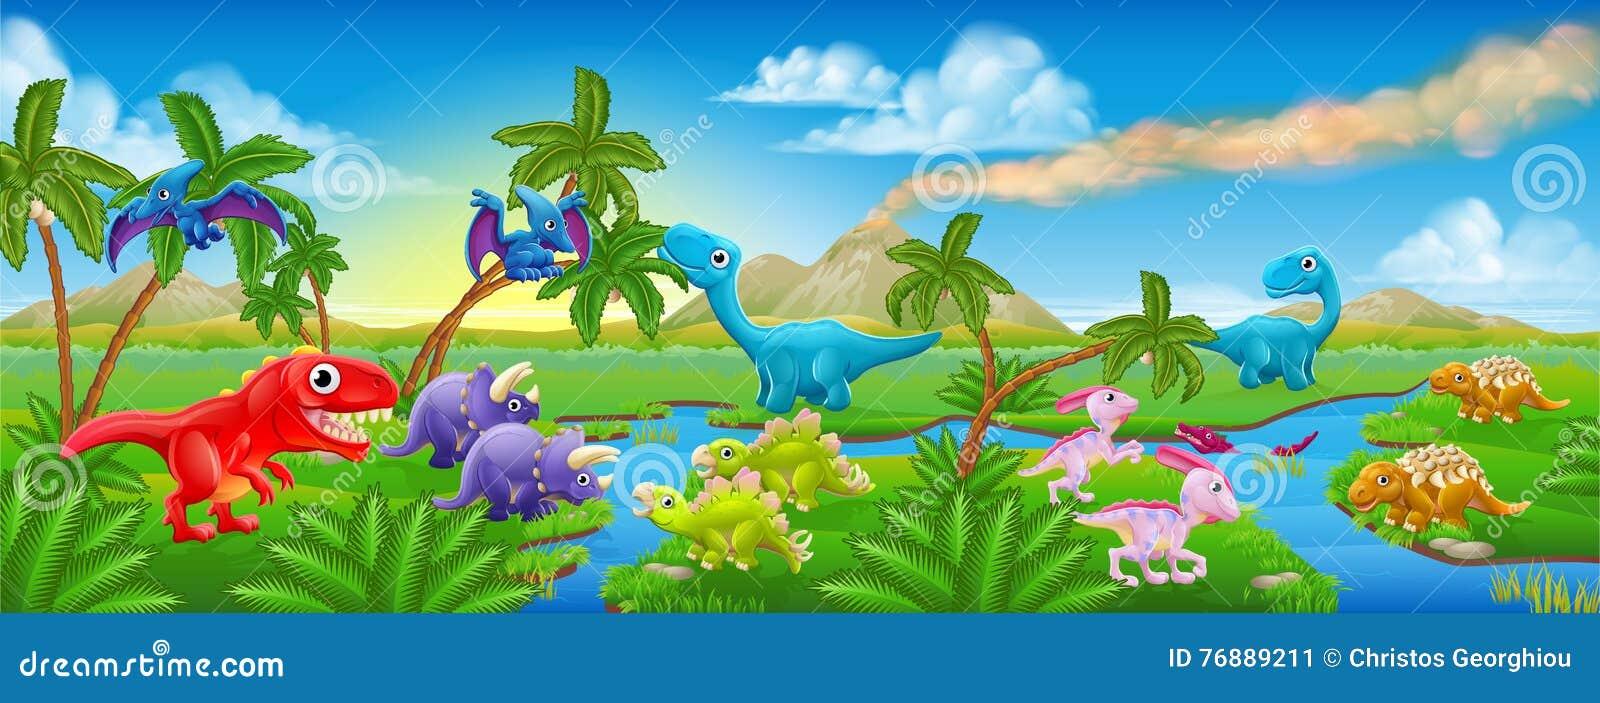 Paesaggio sveglio di scena del dinosauro del fumetto